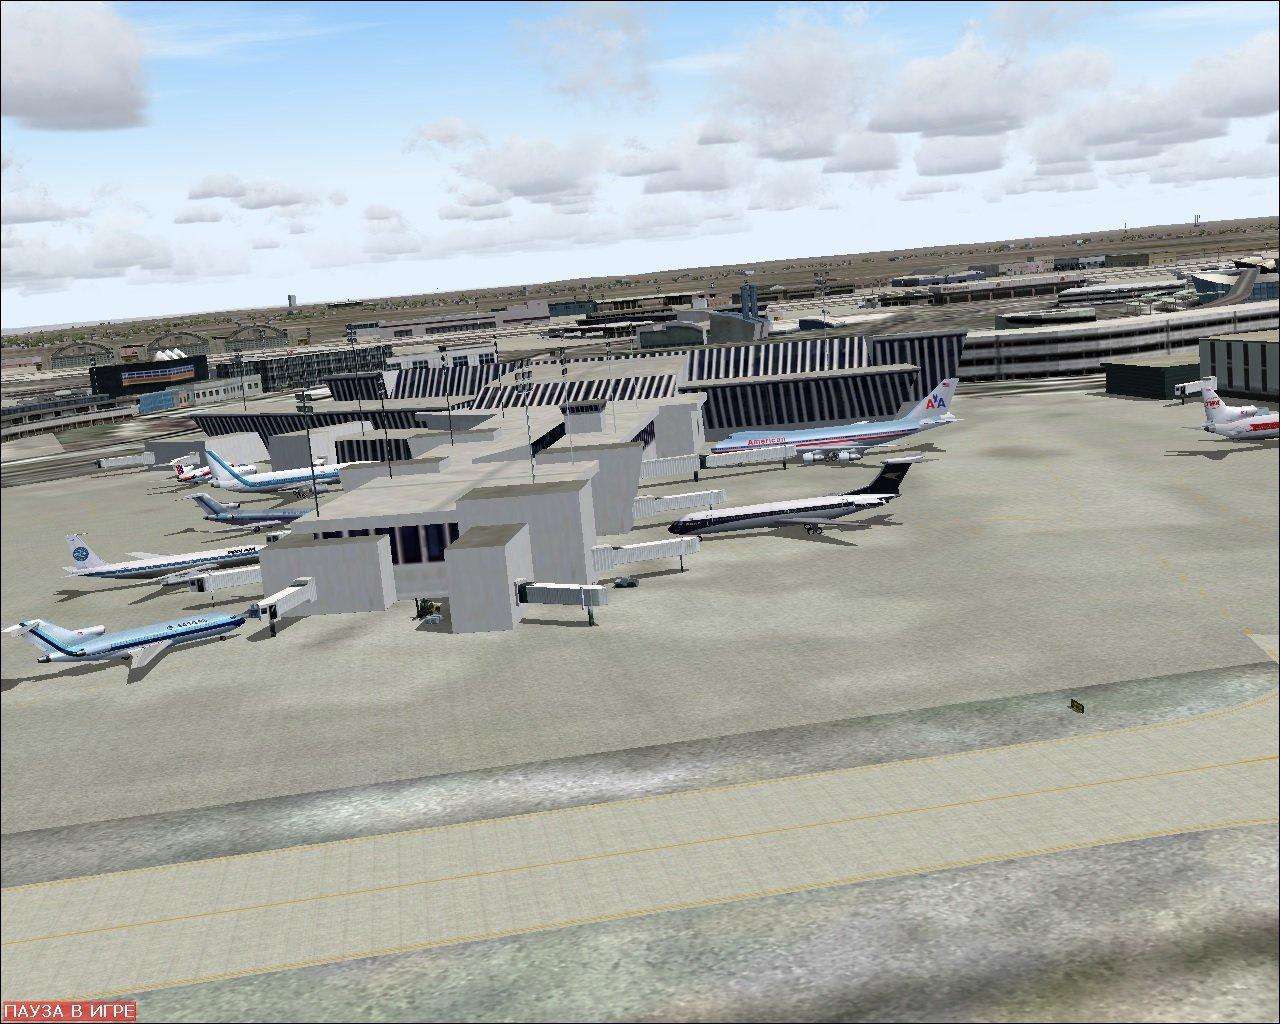 KJFK.jpg.0233cb1f873bc81ebd2c591f13c54c7e.jpg